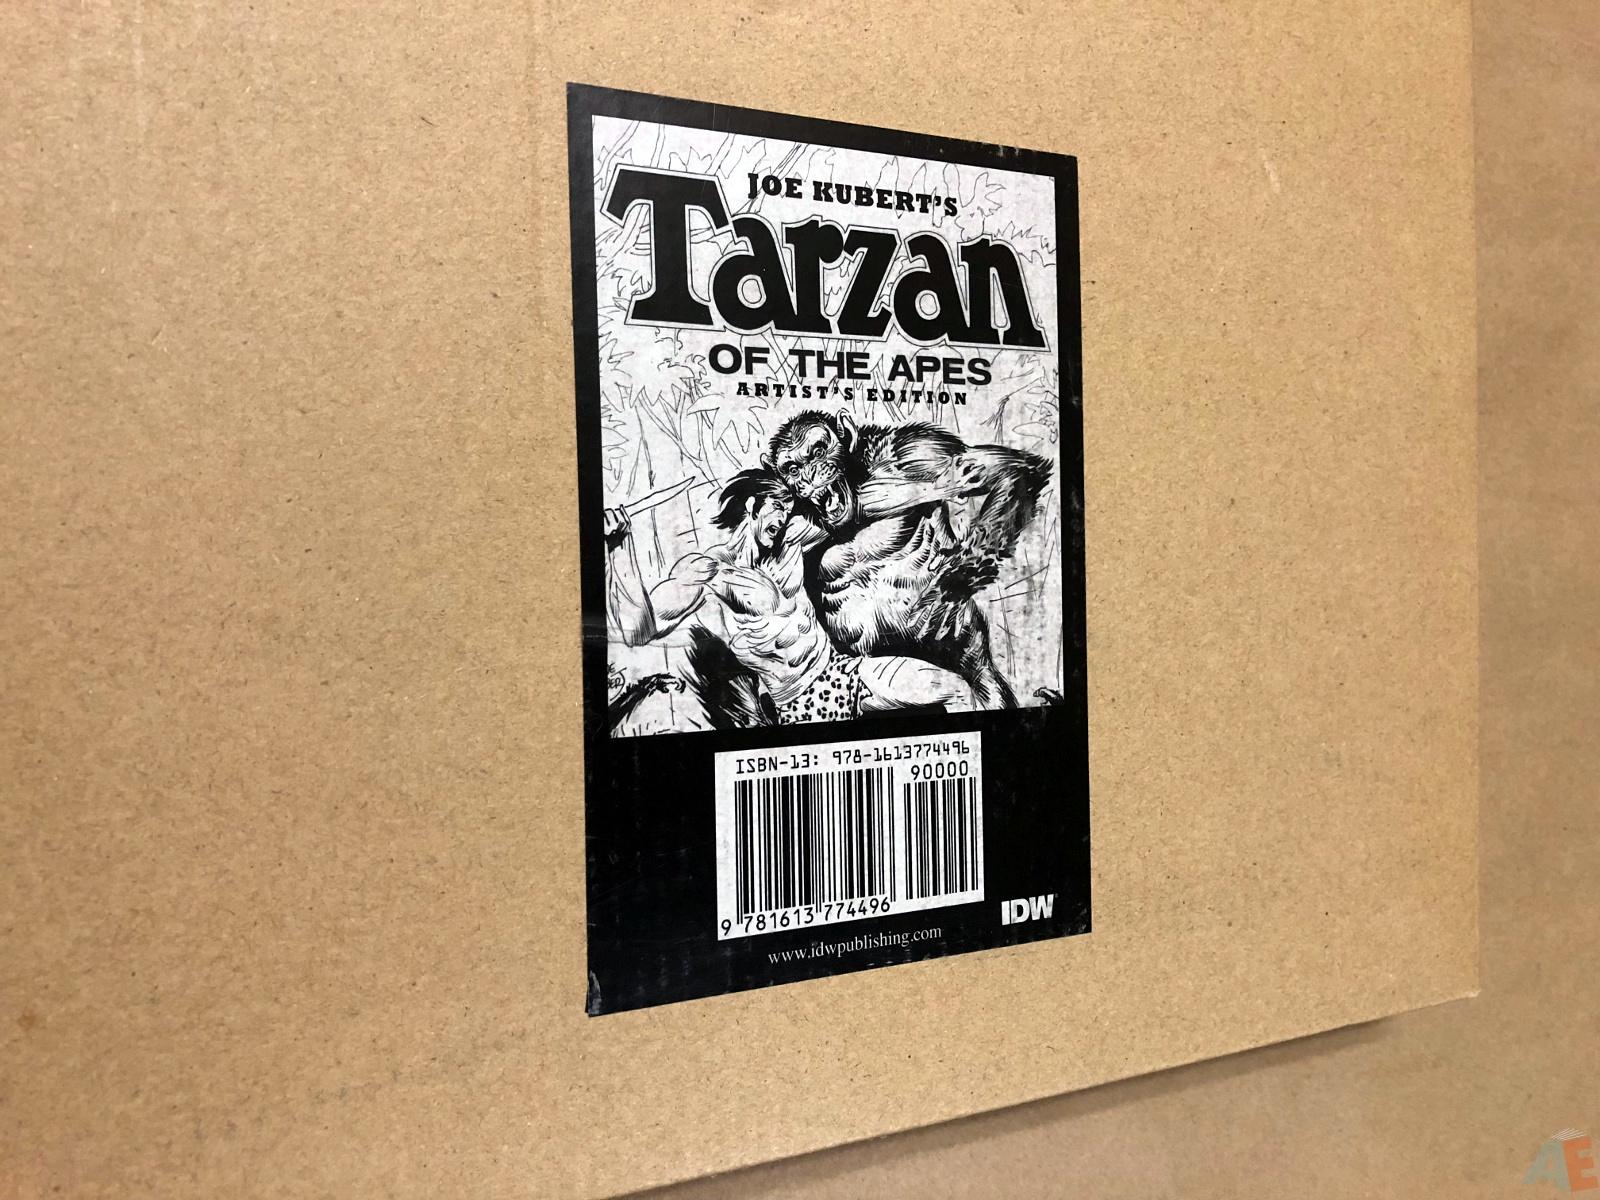 Joe Kubert's Tarzan of the Apes Artist's Edition 48